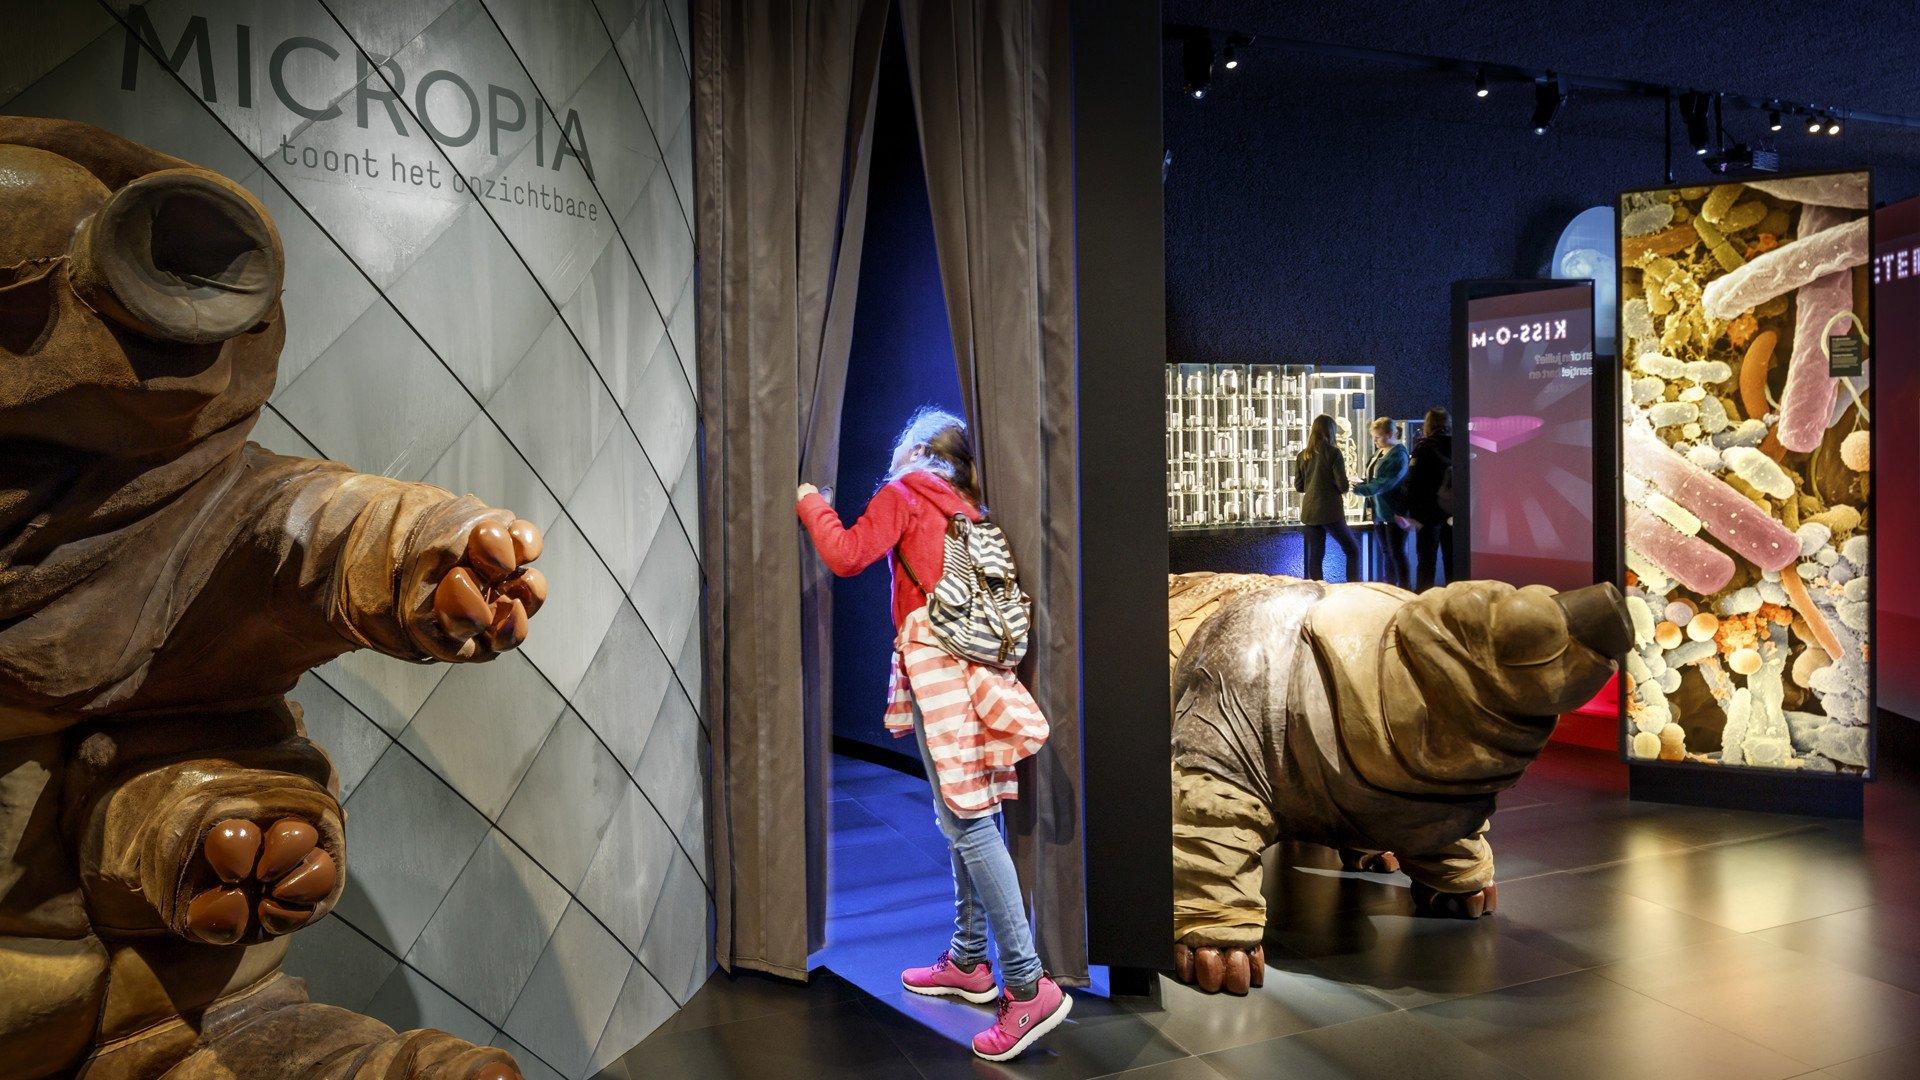 موزه میکروبآمستردام